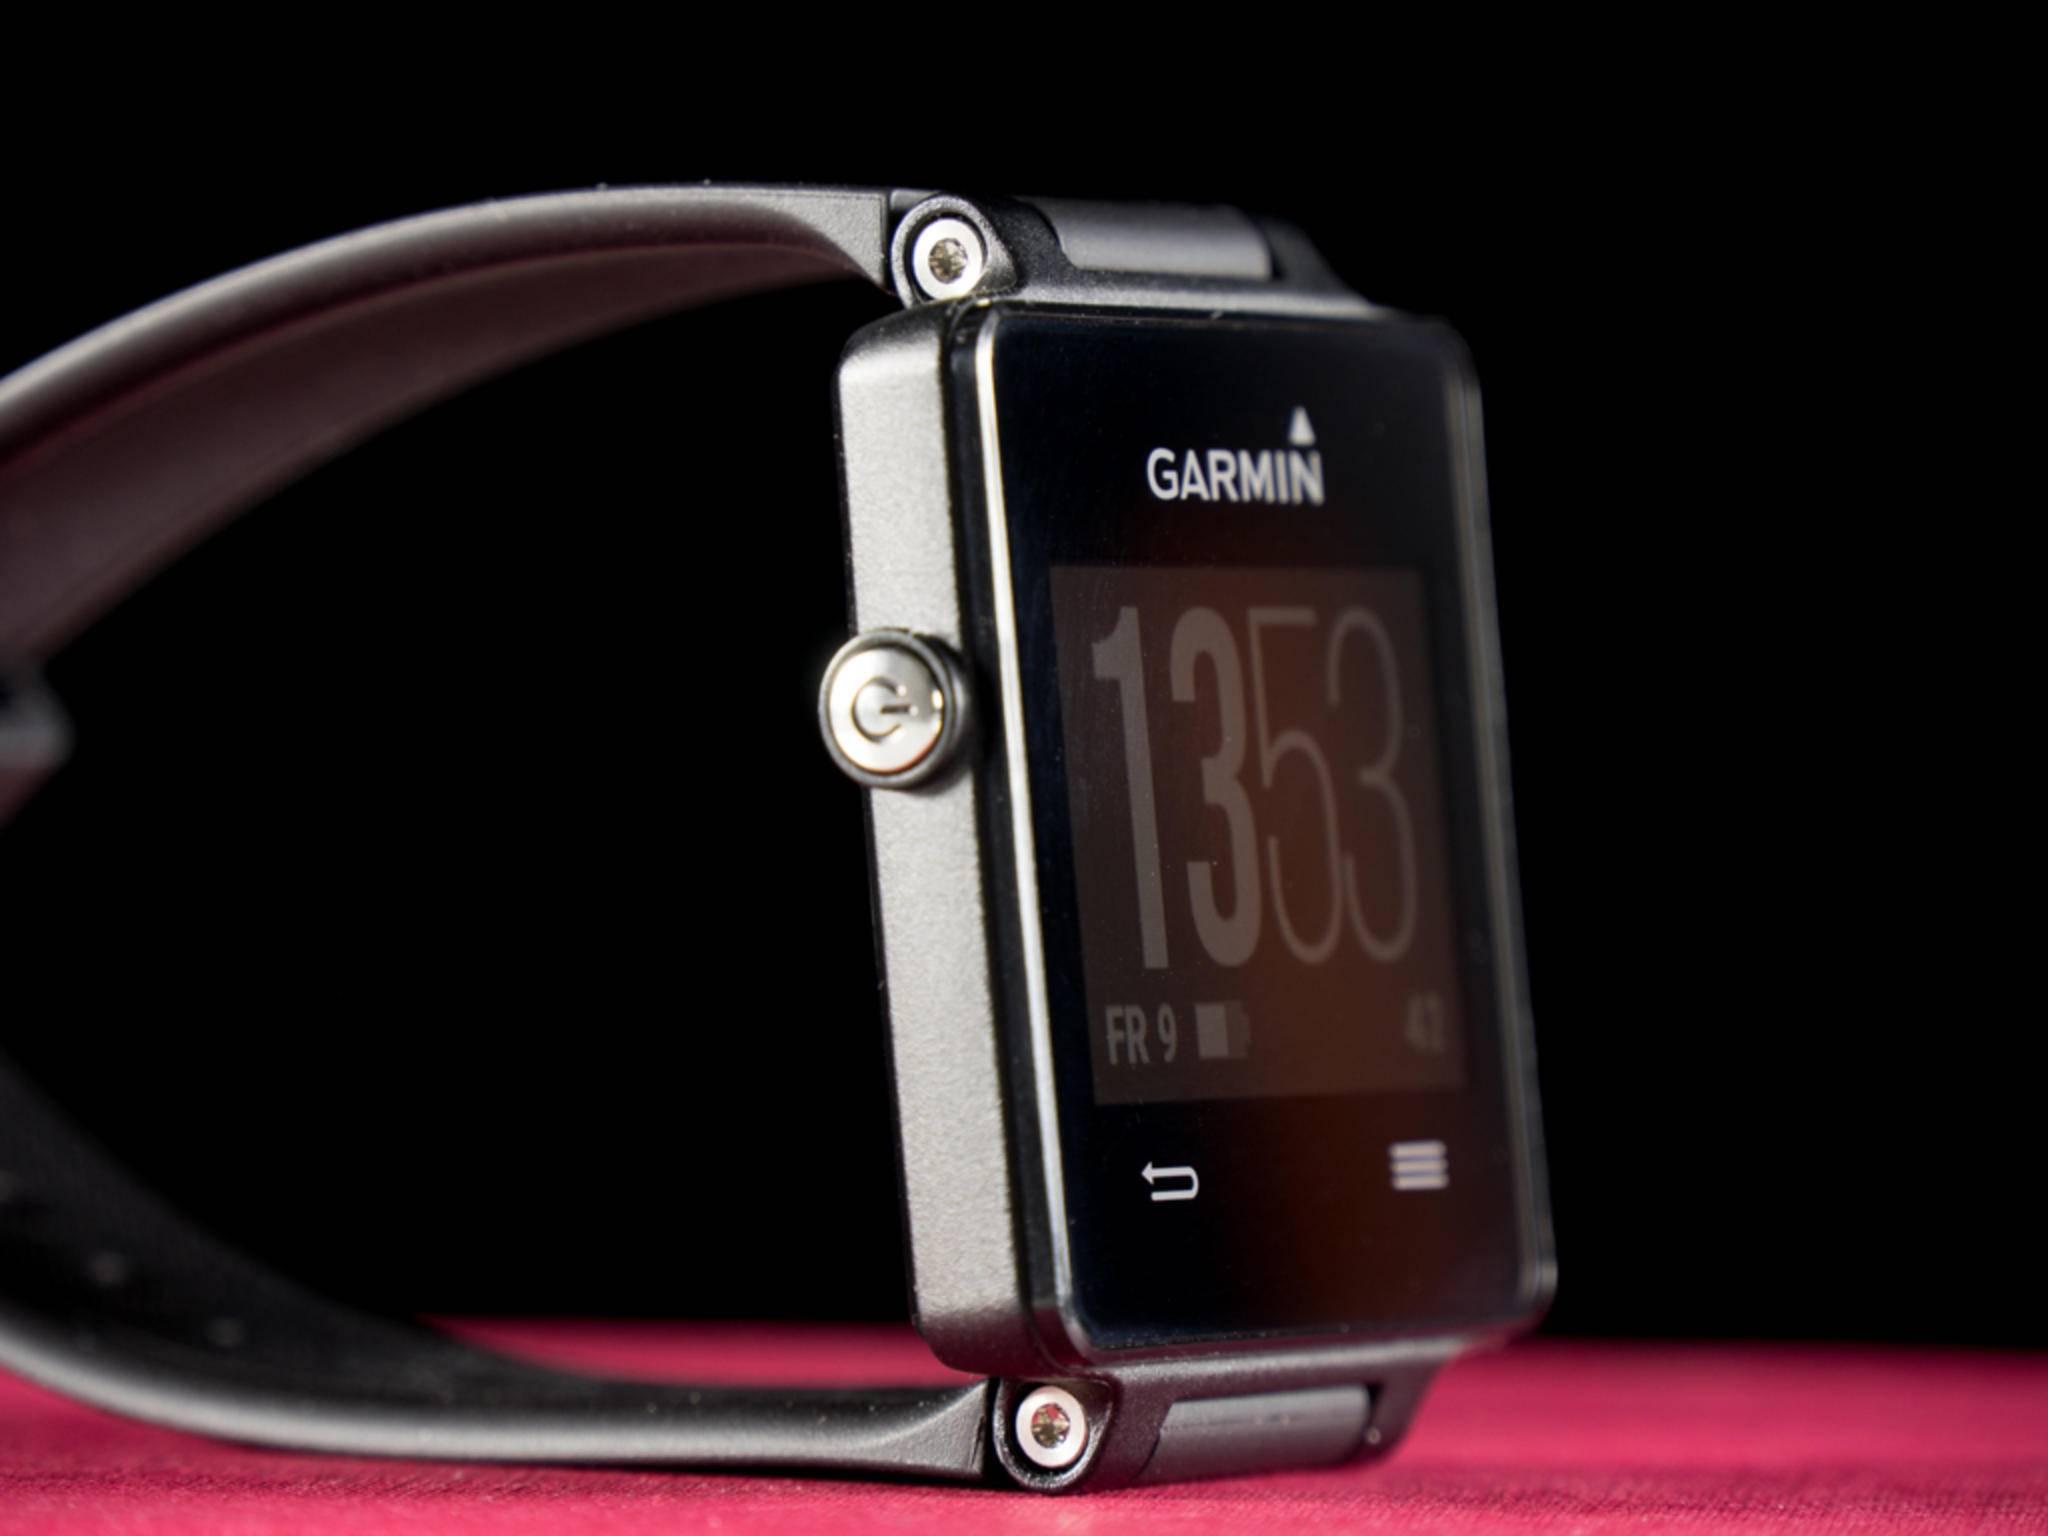 Fitness-Tracker, Smartwatch oder Laufuhr? Die Garmin Vivoactive will alles sein.